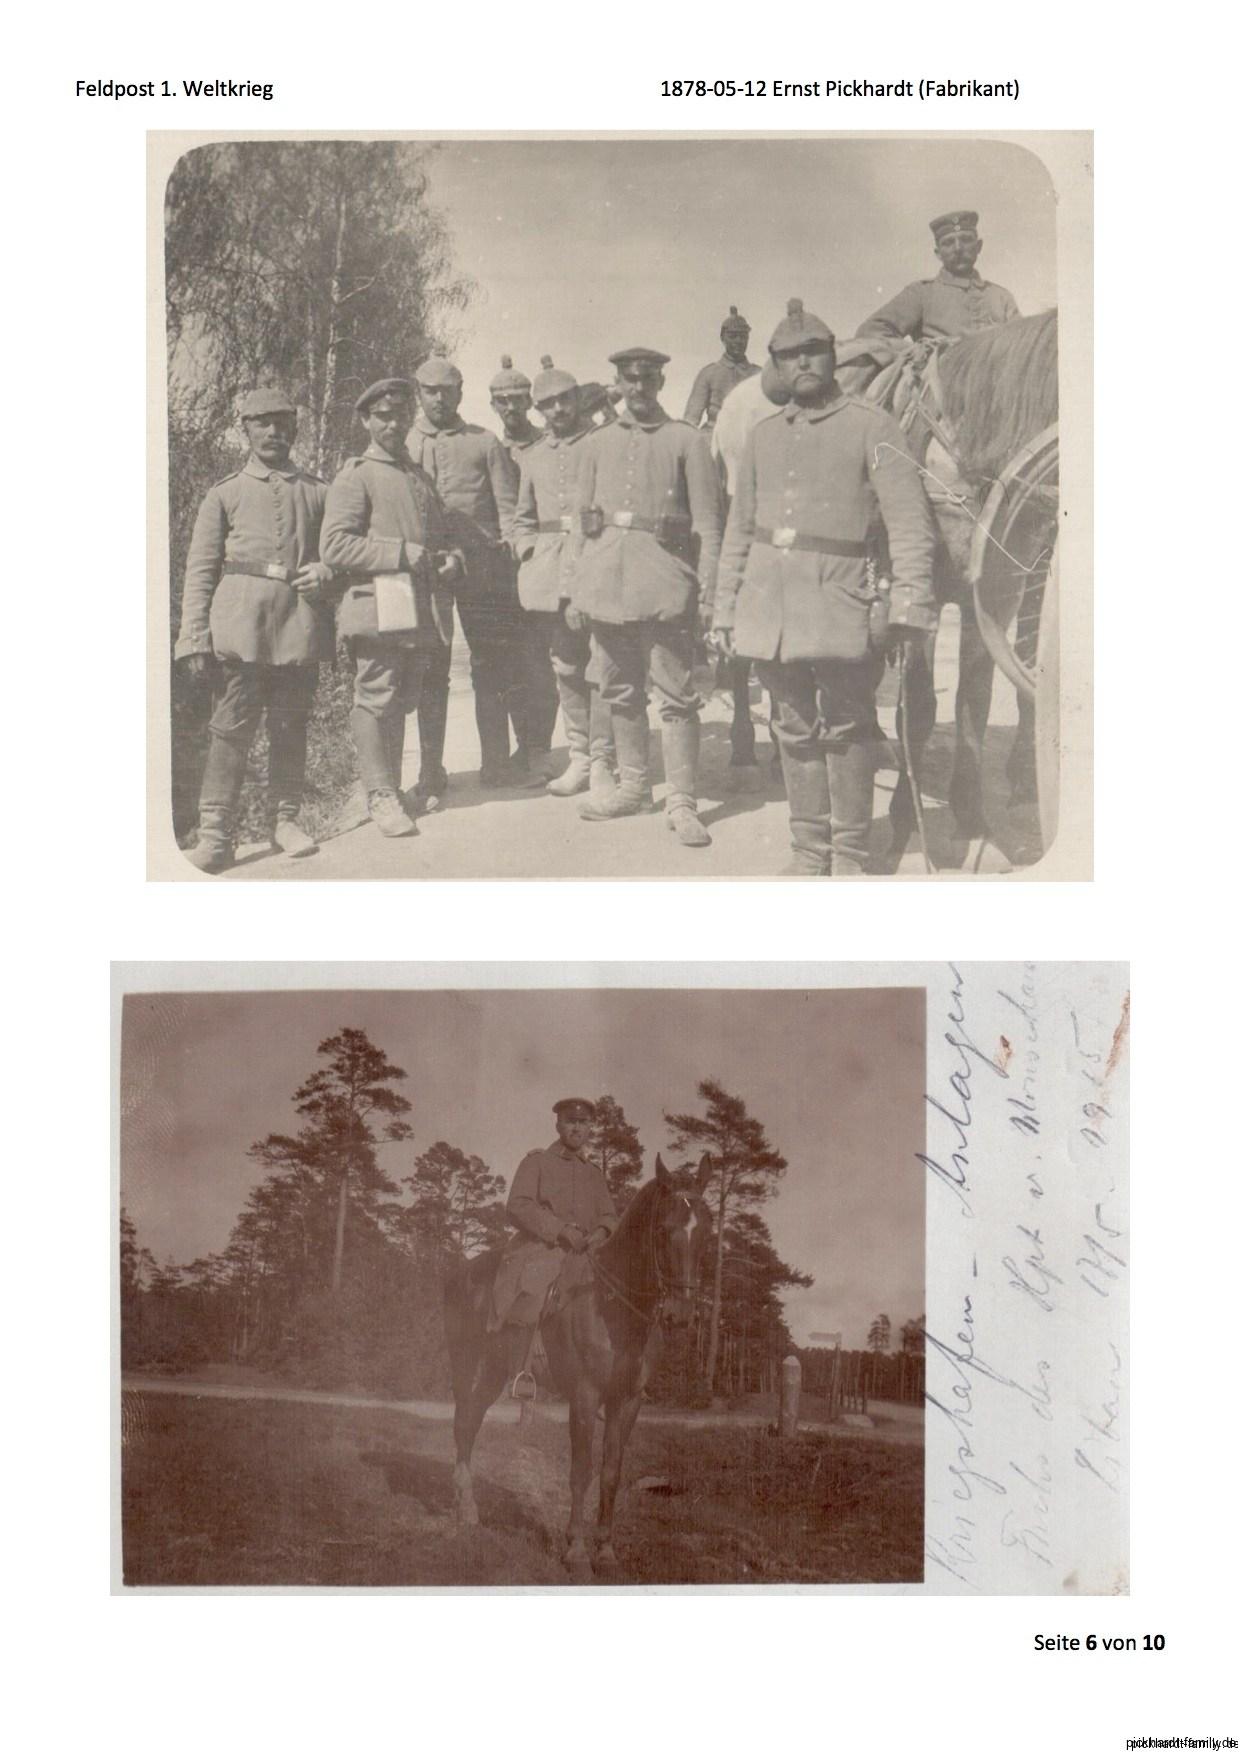 1914 Feldpost von Ernst Pickardt als Einjährig-Freiwilliger in Russland3